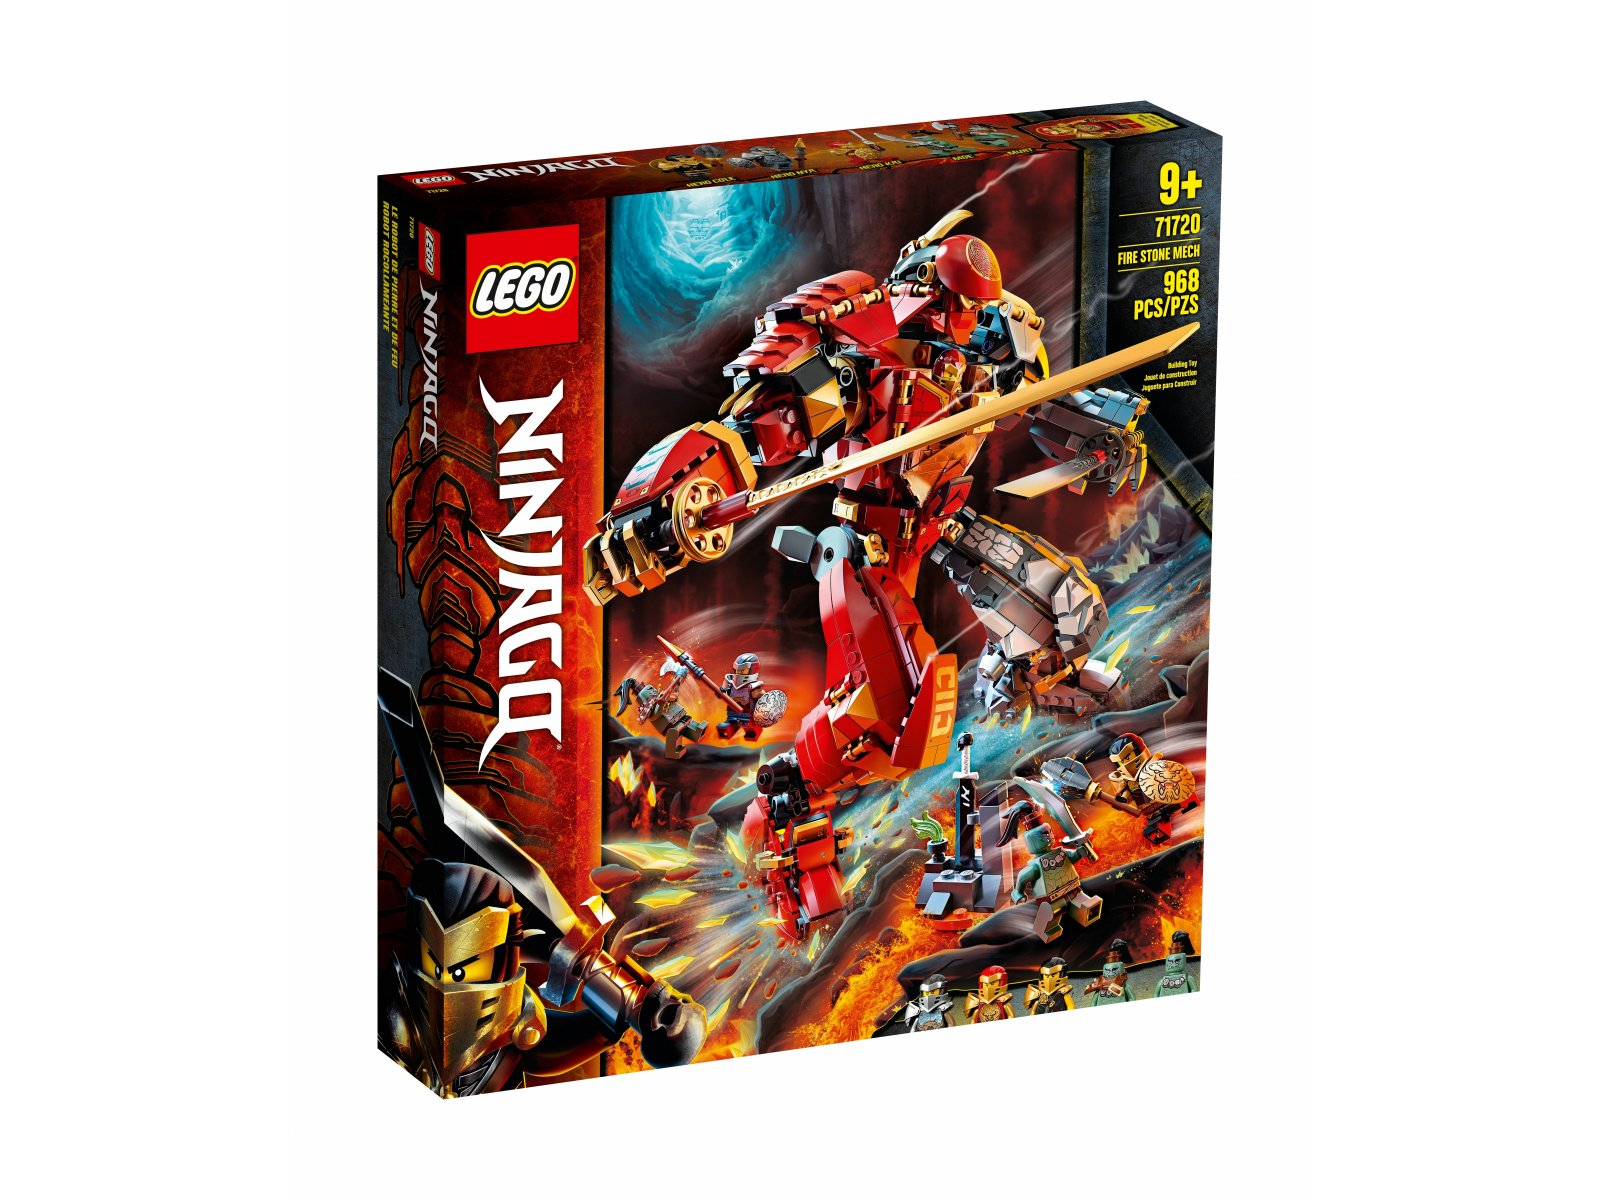 LEGO 71720 Ninjago® Mech z ognia i kamienia